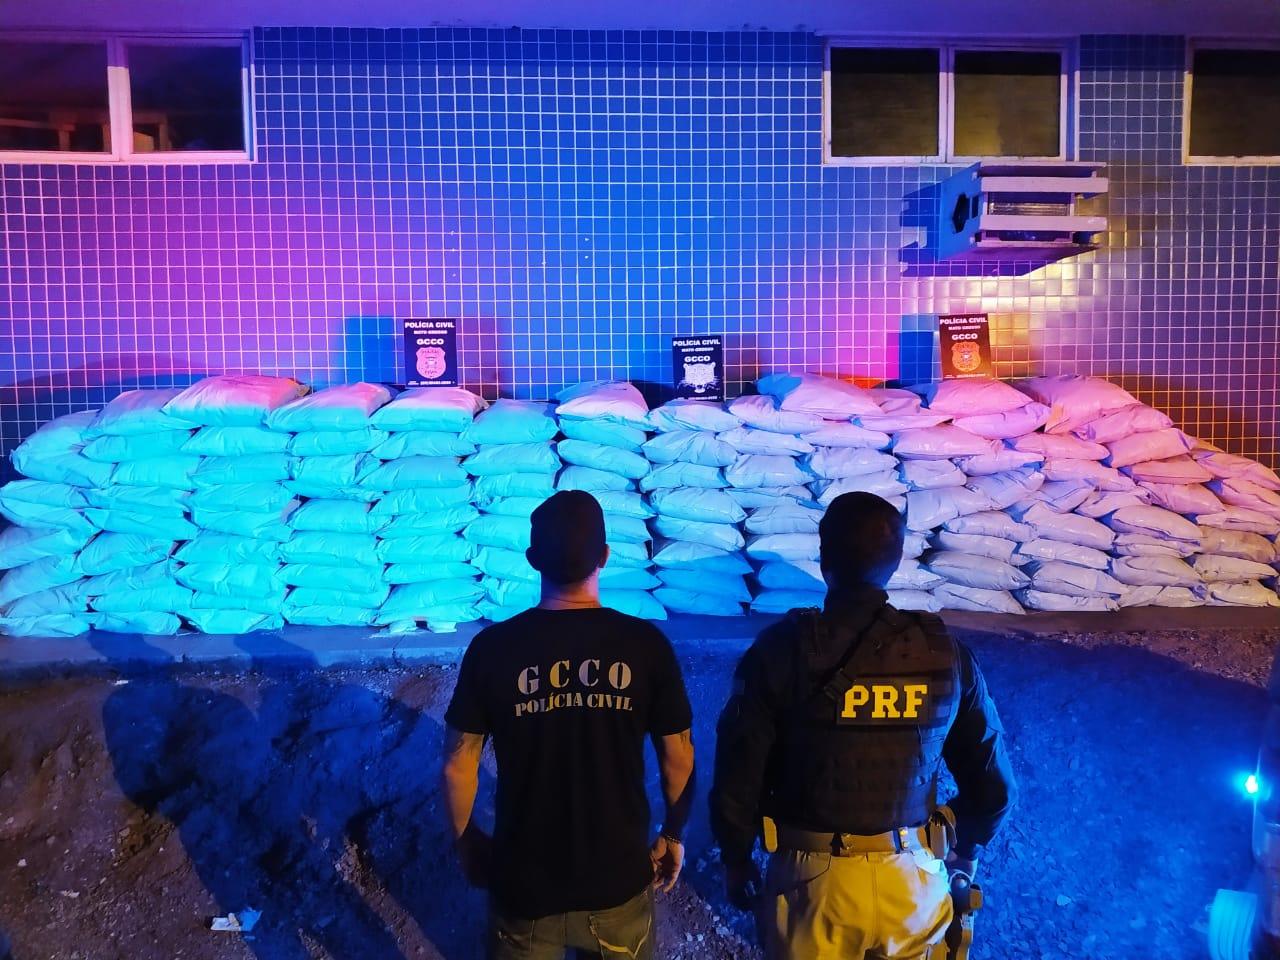 Polícia Civil e PRF apreendem 3,1 toneladas de defensivos contrabandeados do Paraguai